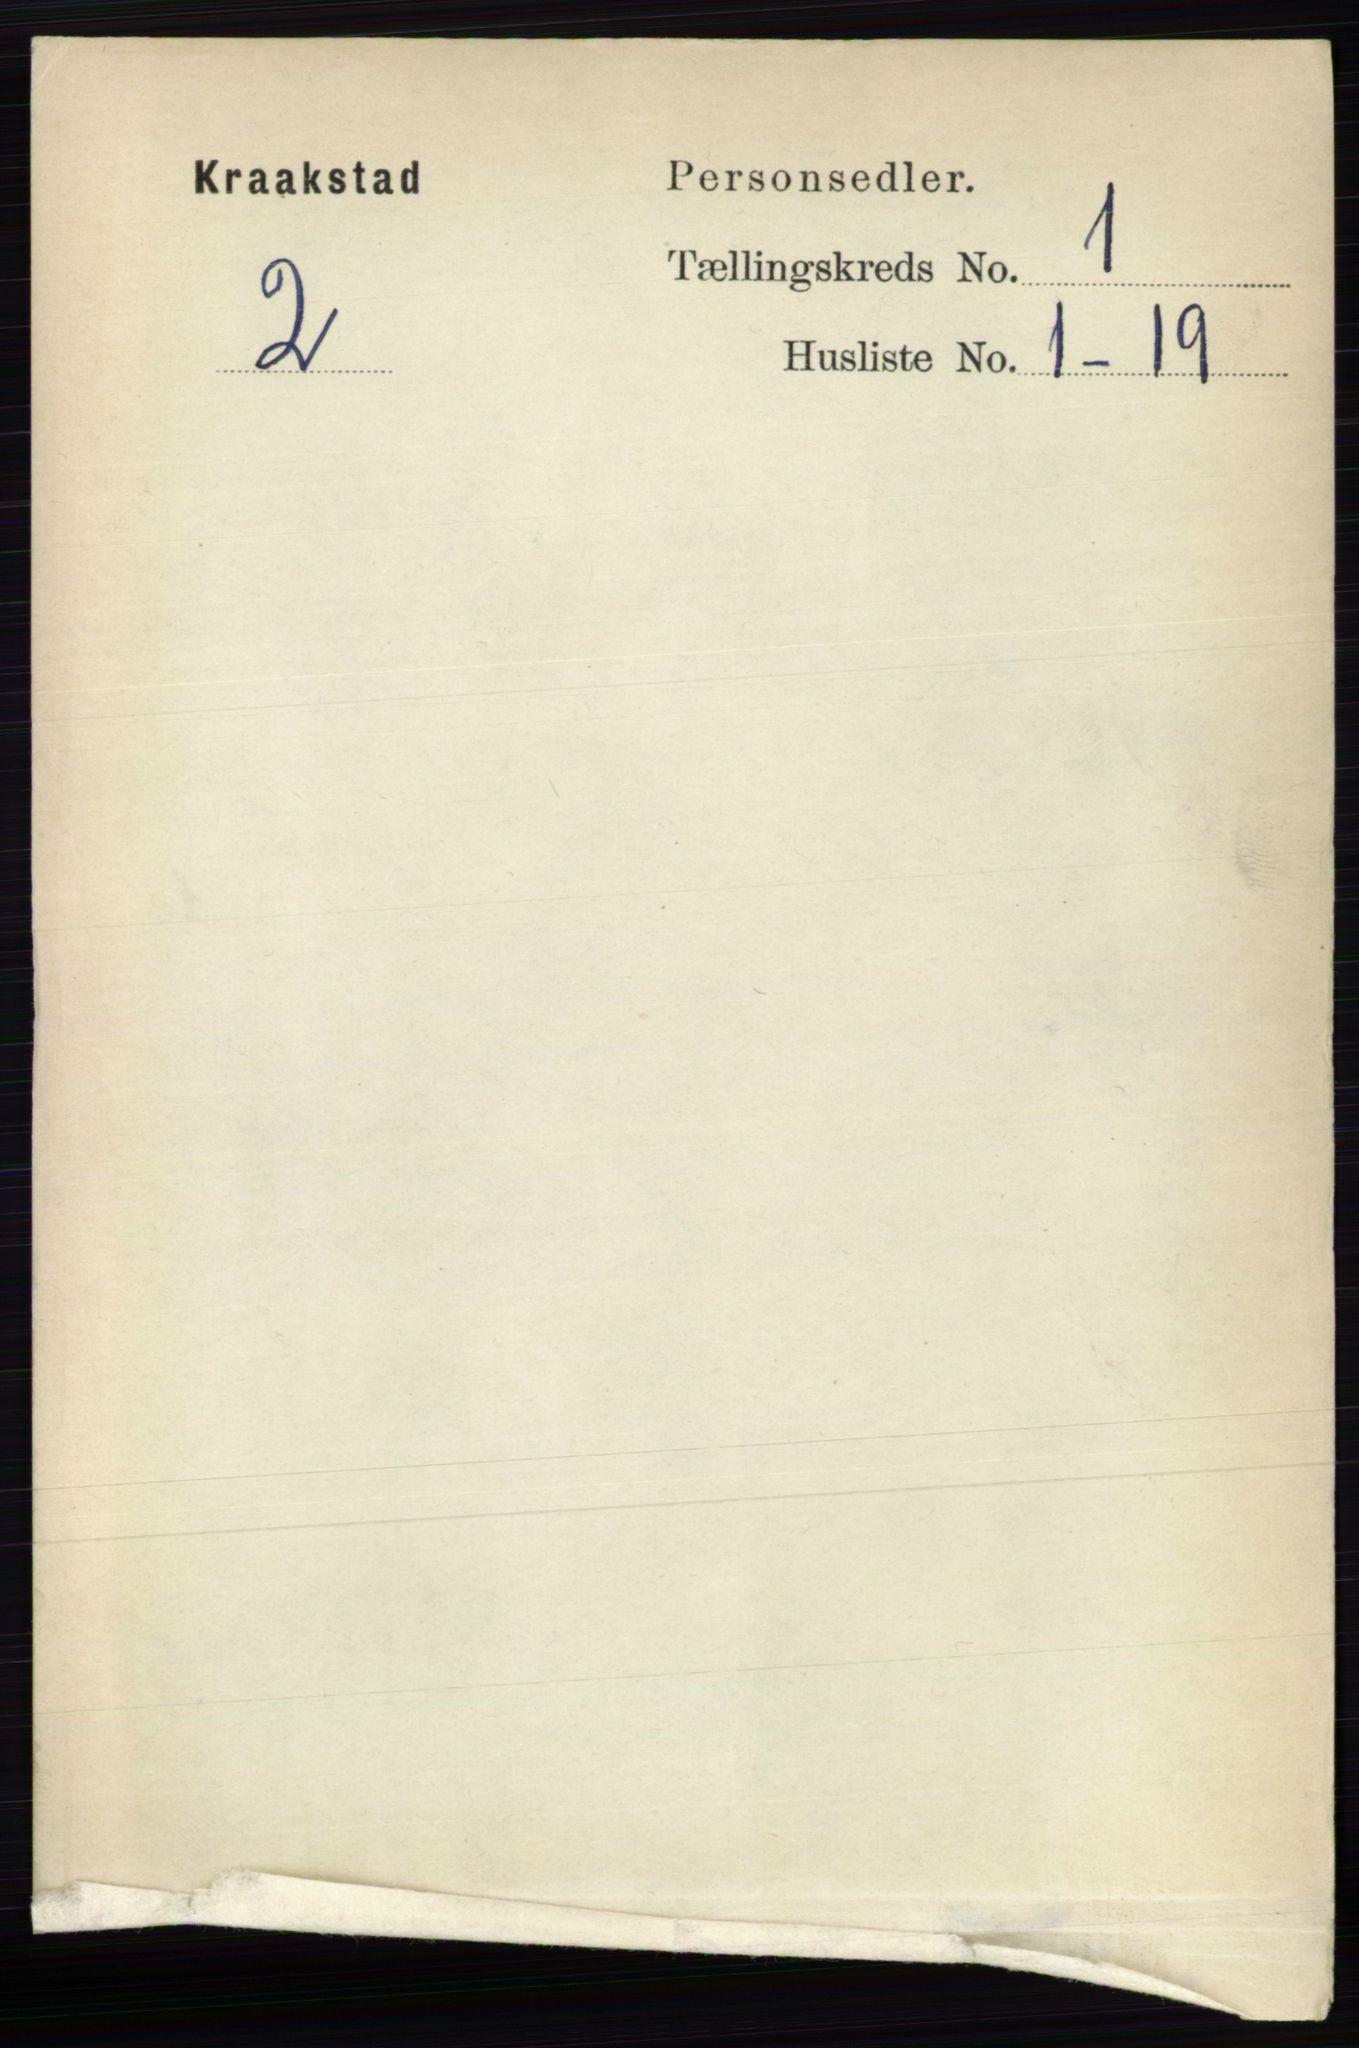 RA, Folketelling 1891 for 0212 Kråkstad herred, 1891, s. 114